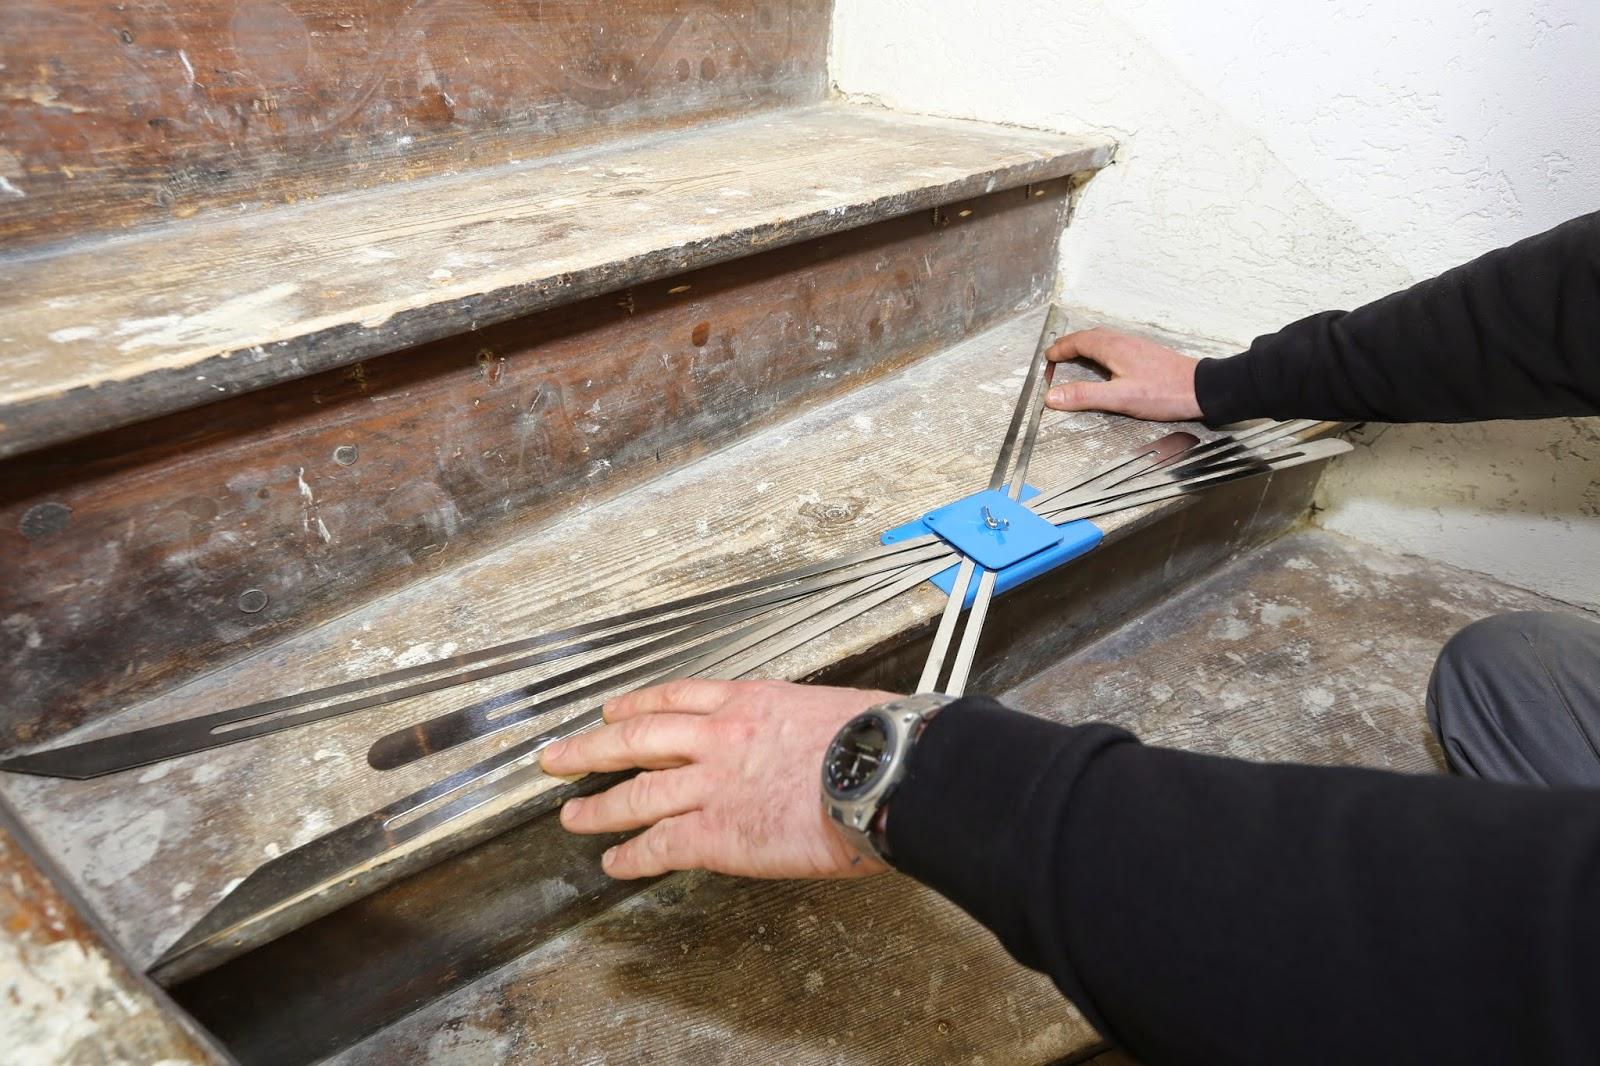 Treppenrenovierung - Ausmessen der Stufen